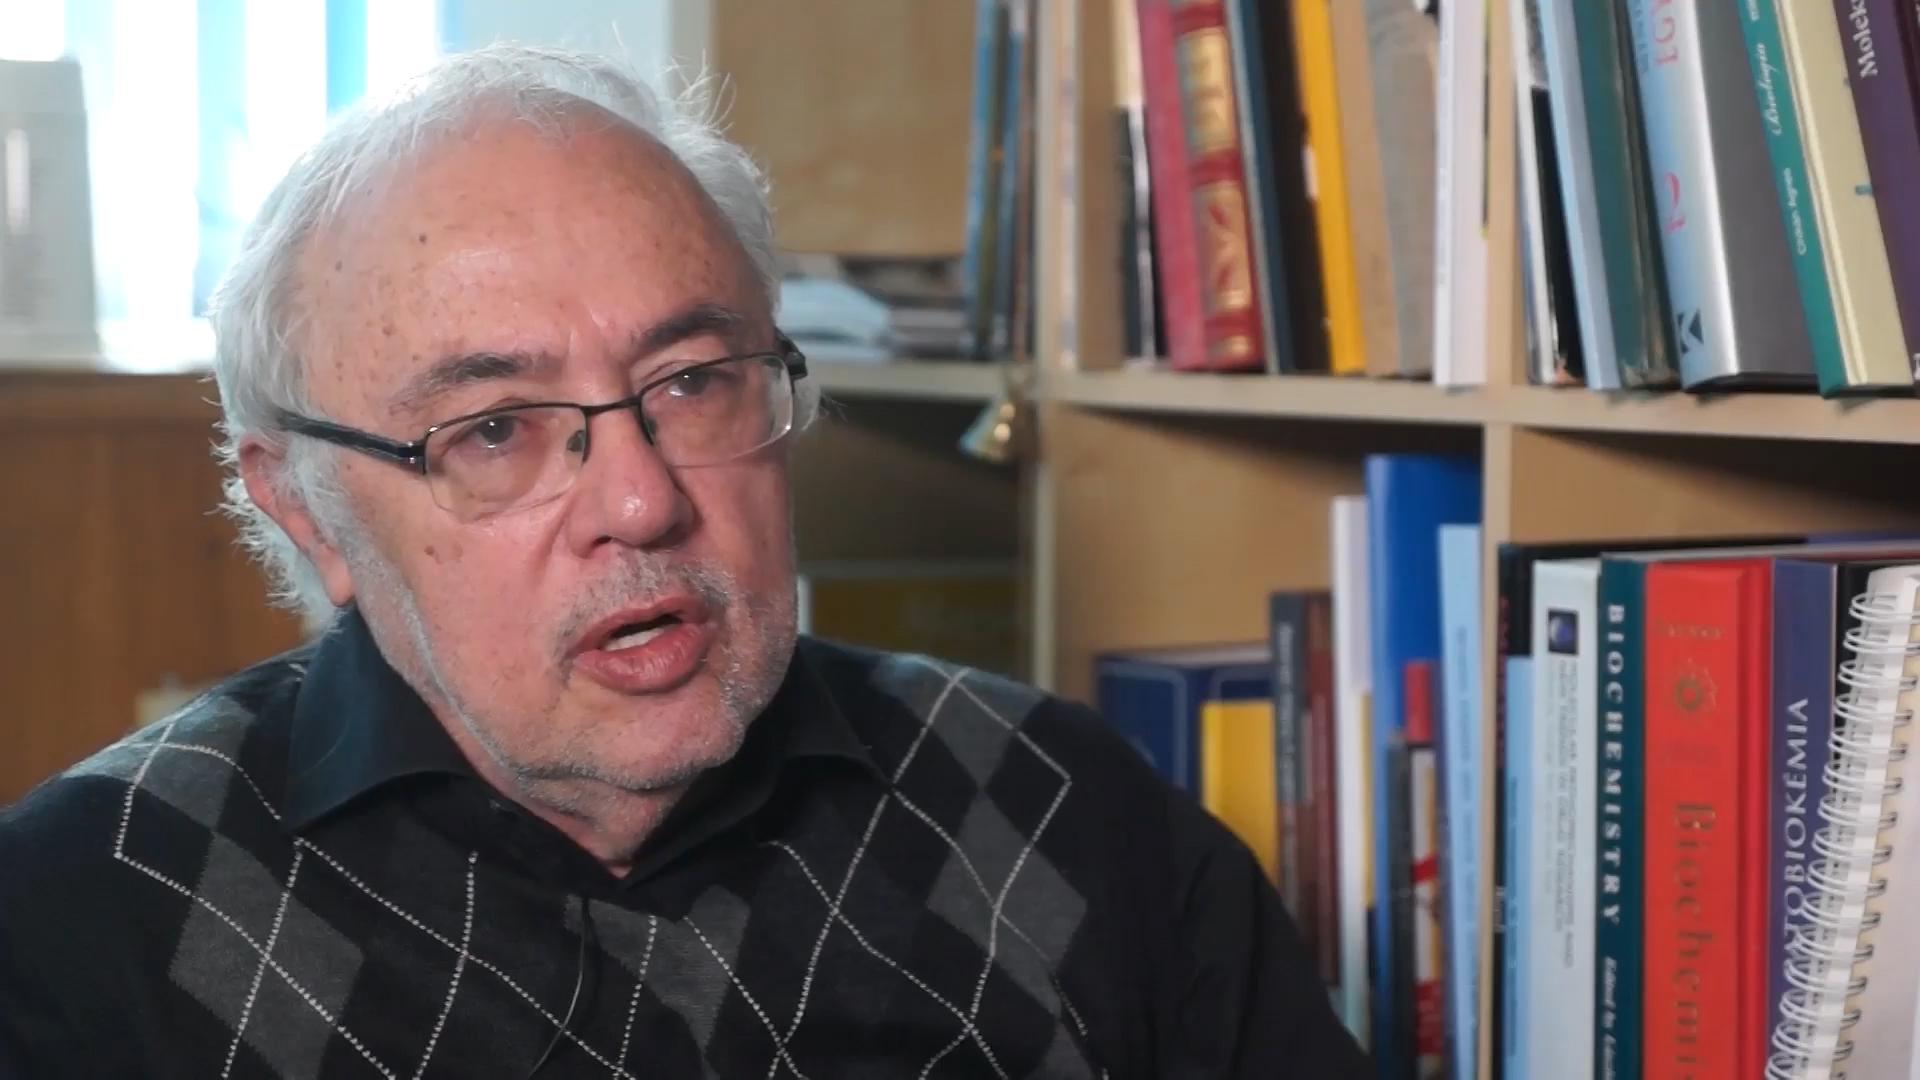 Falus András immunológus szerint súlyos szakmai hiba volt a 60 év felettiek kínai vakcinával való oltása